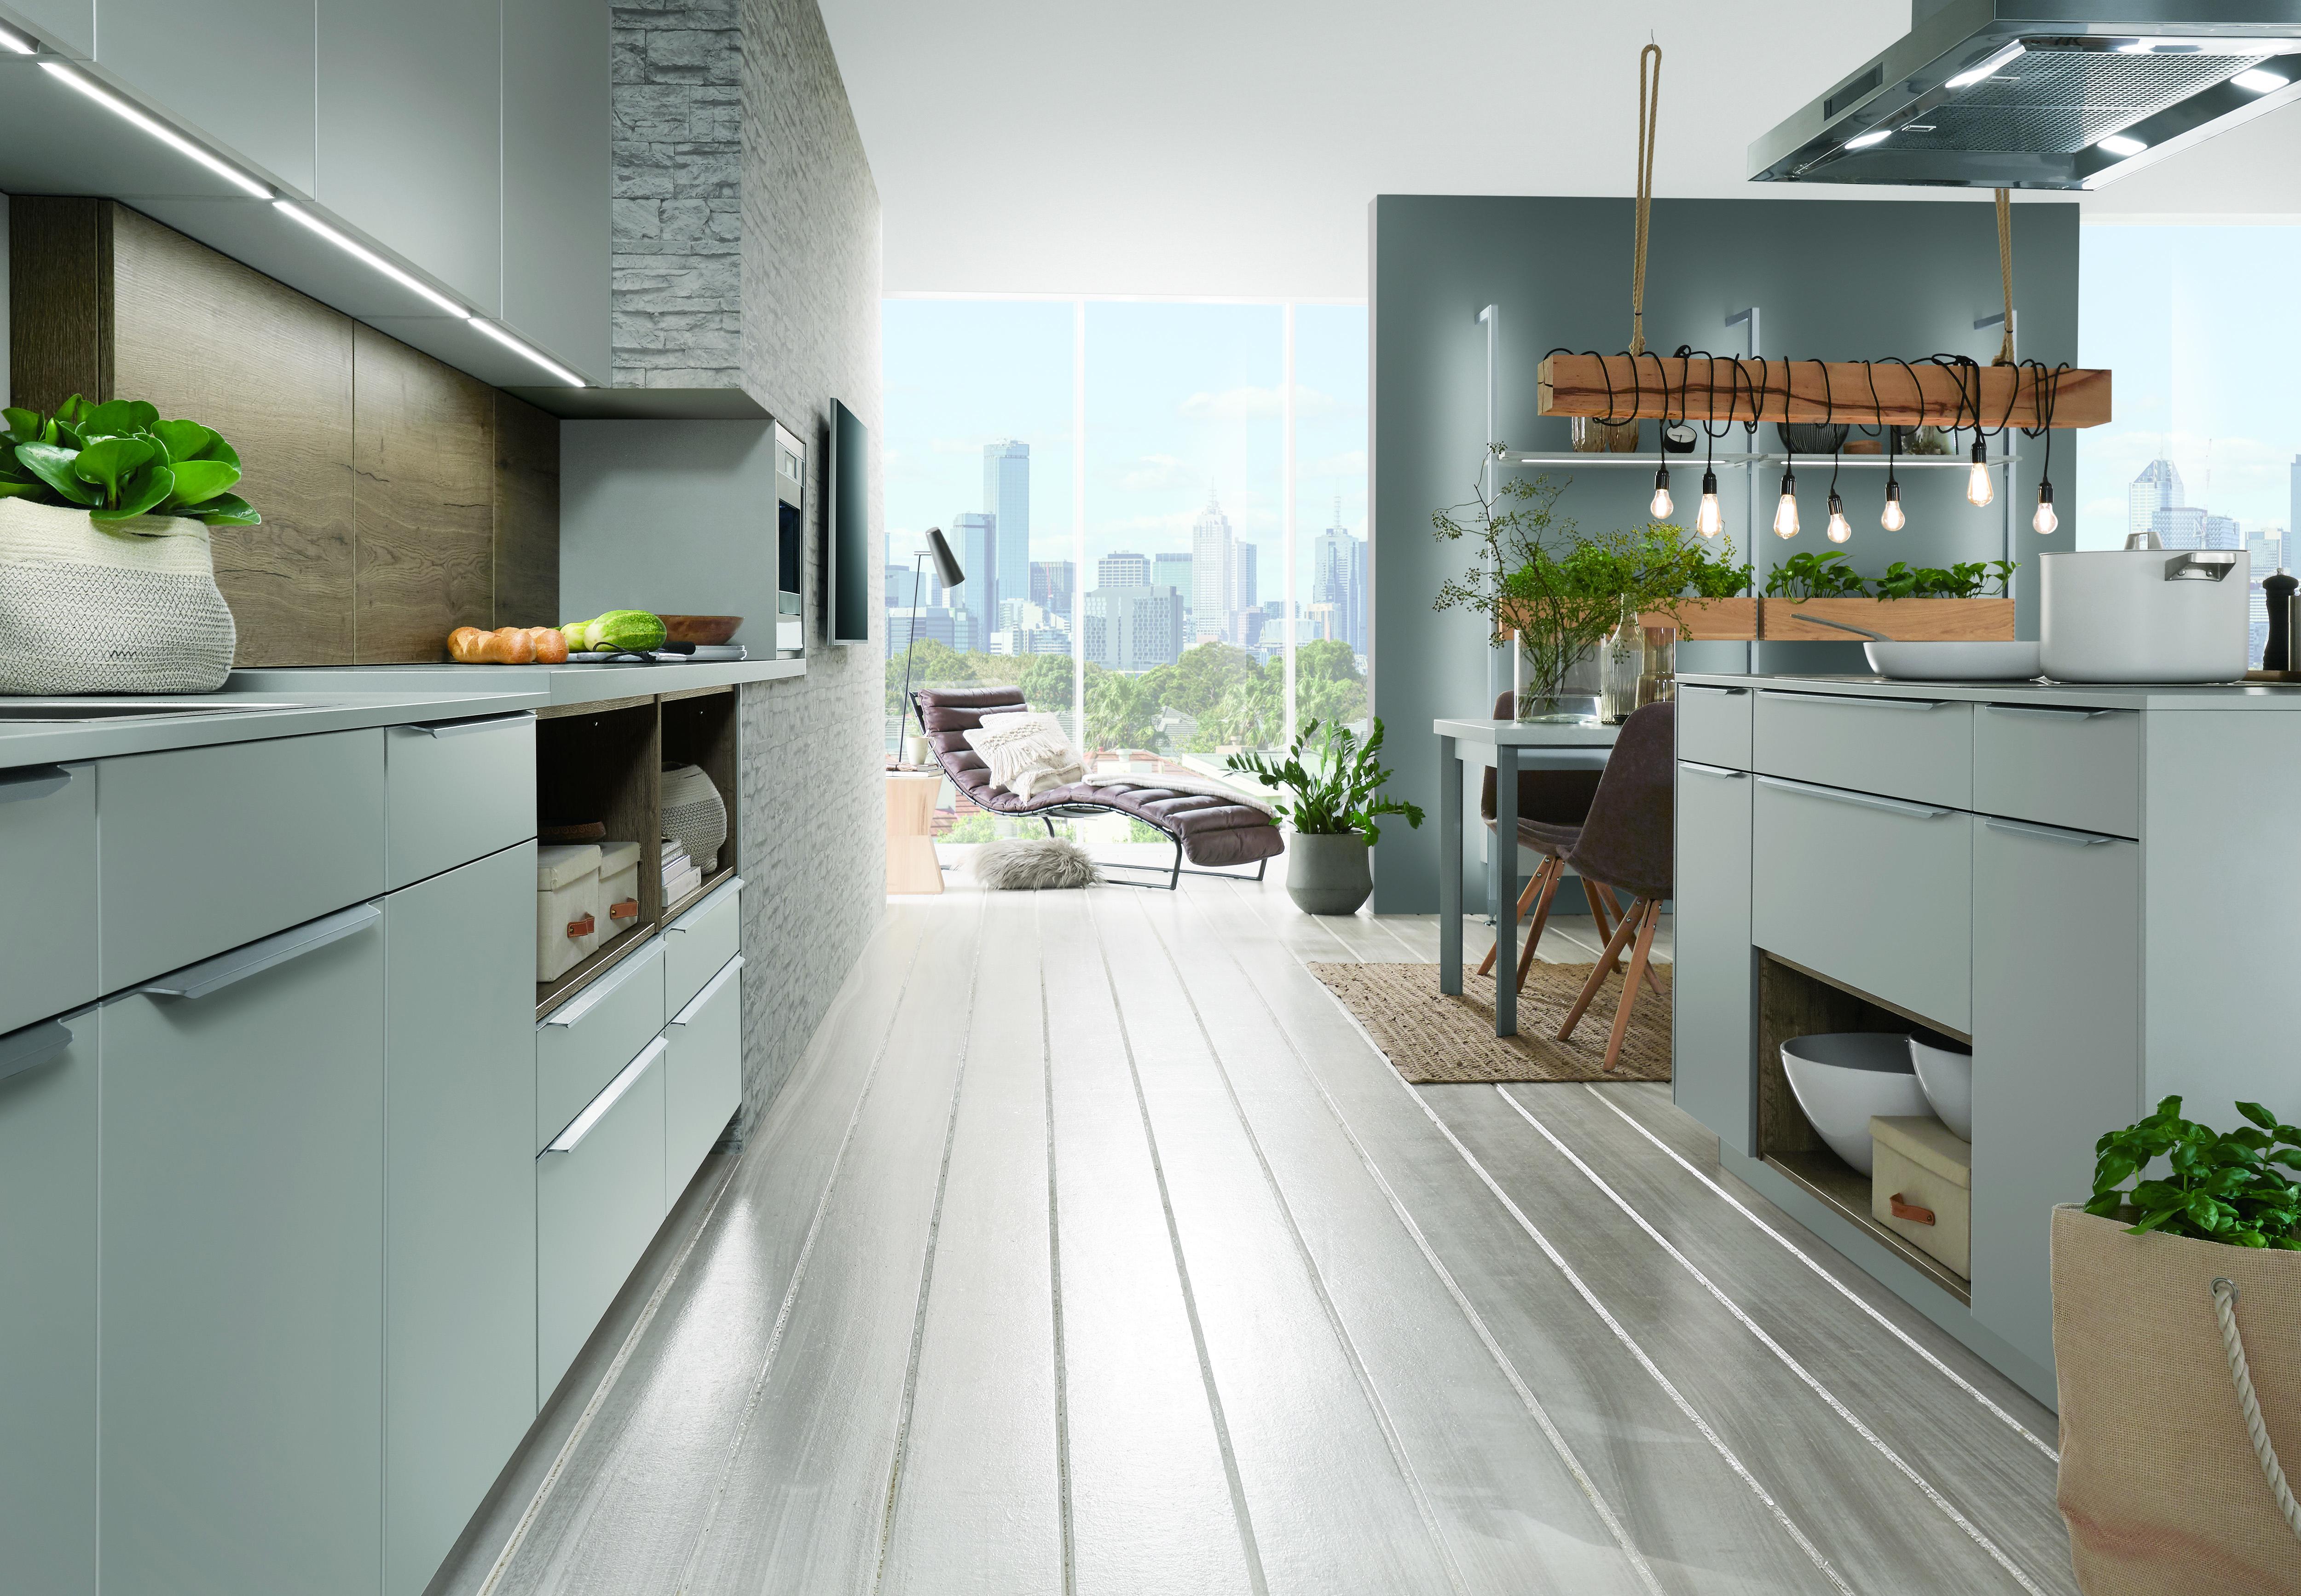 Küchenbeleuchtung - Stimmungsvolle LED-Beleuchtung für die ...